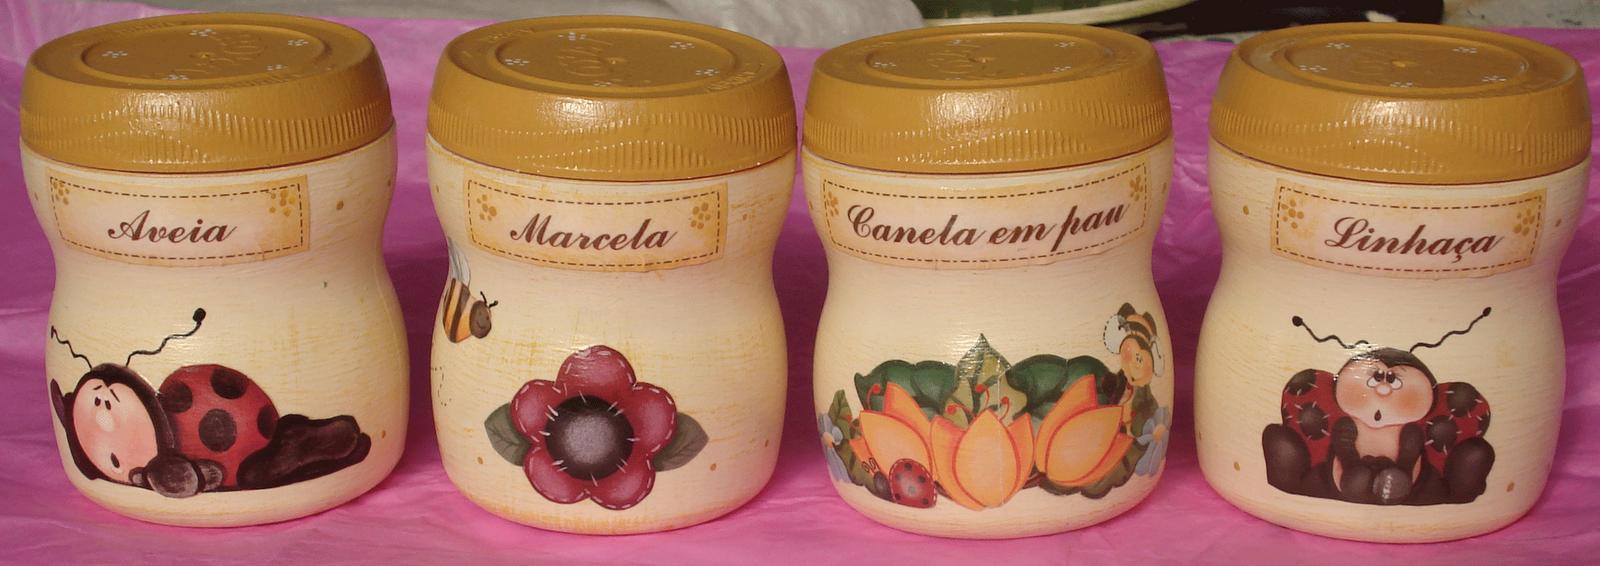 Adesivo Impressão Digital ~ Reciclagem com potinhos de Fermento Royal Dicas& Truques Online Outros artesanatos